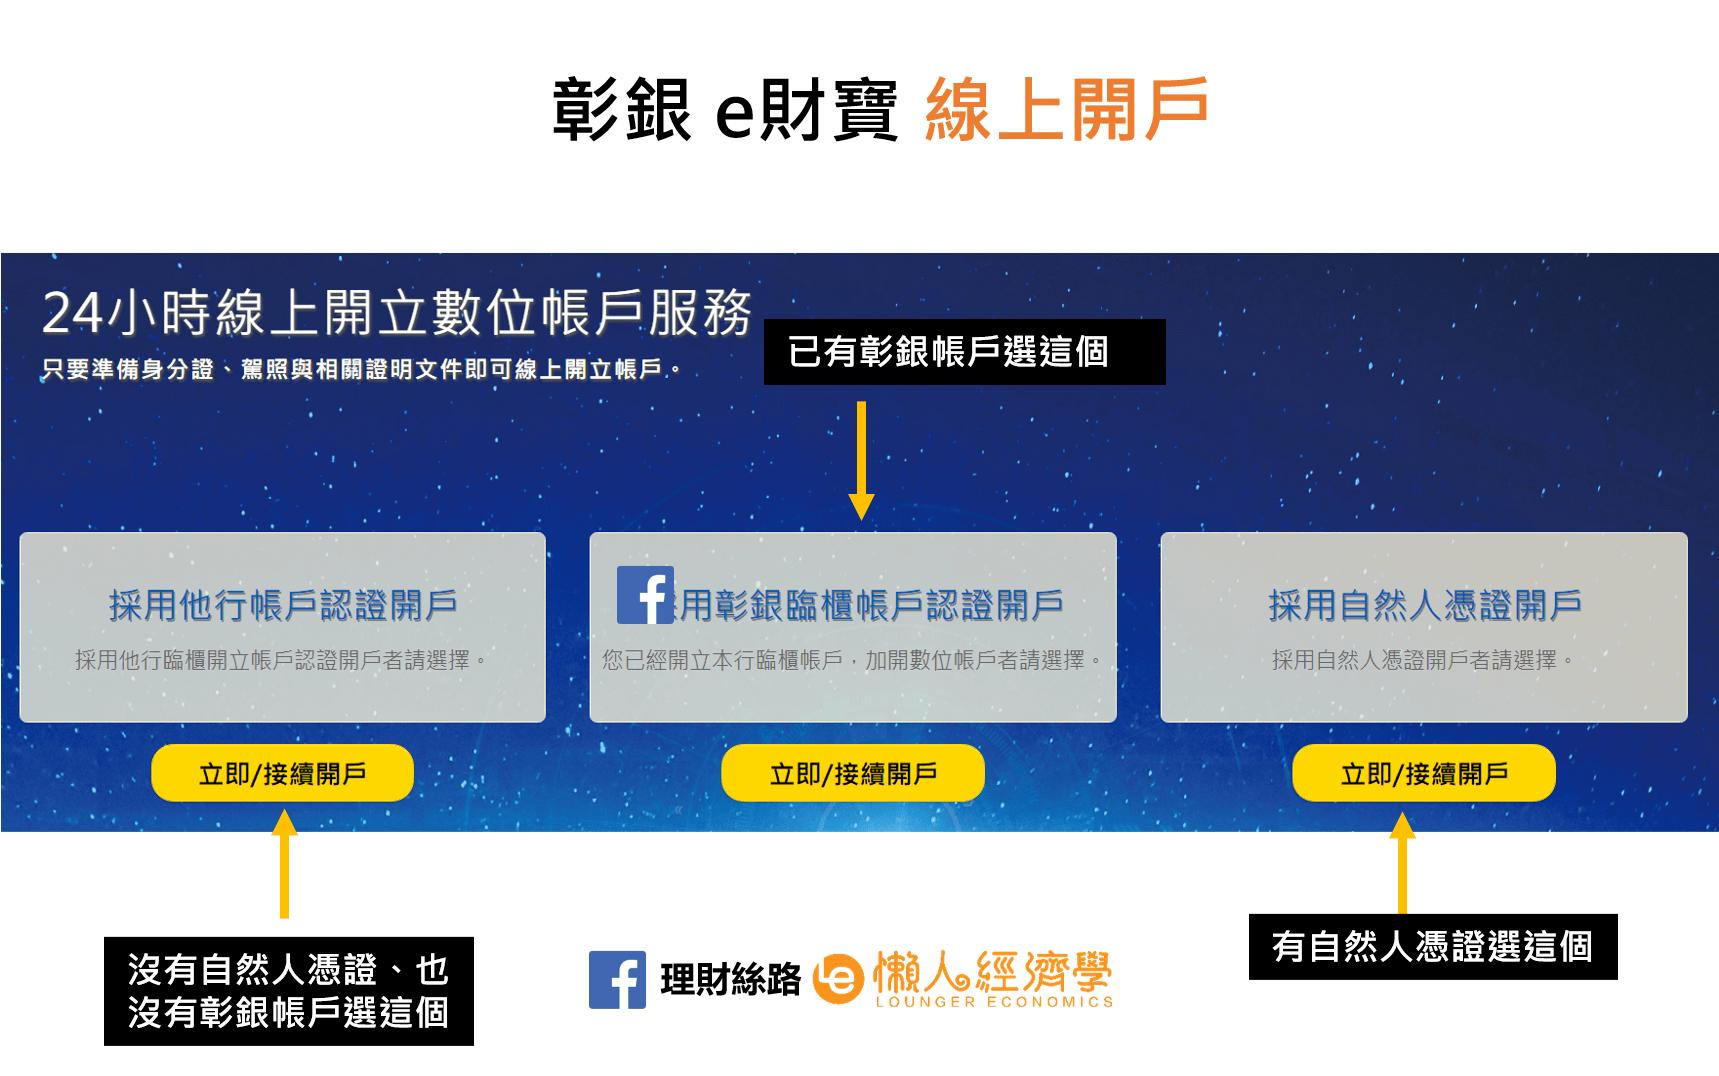 彰銀數位帳戶開戶教學-1